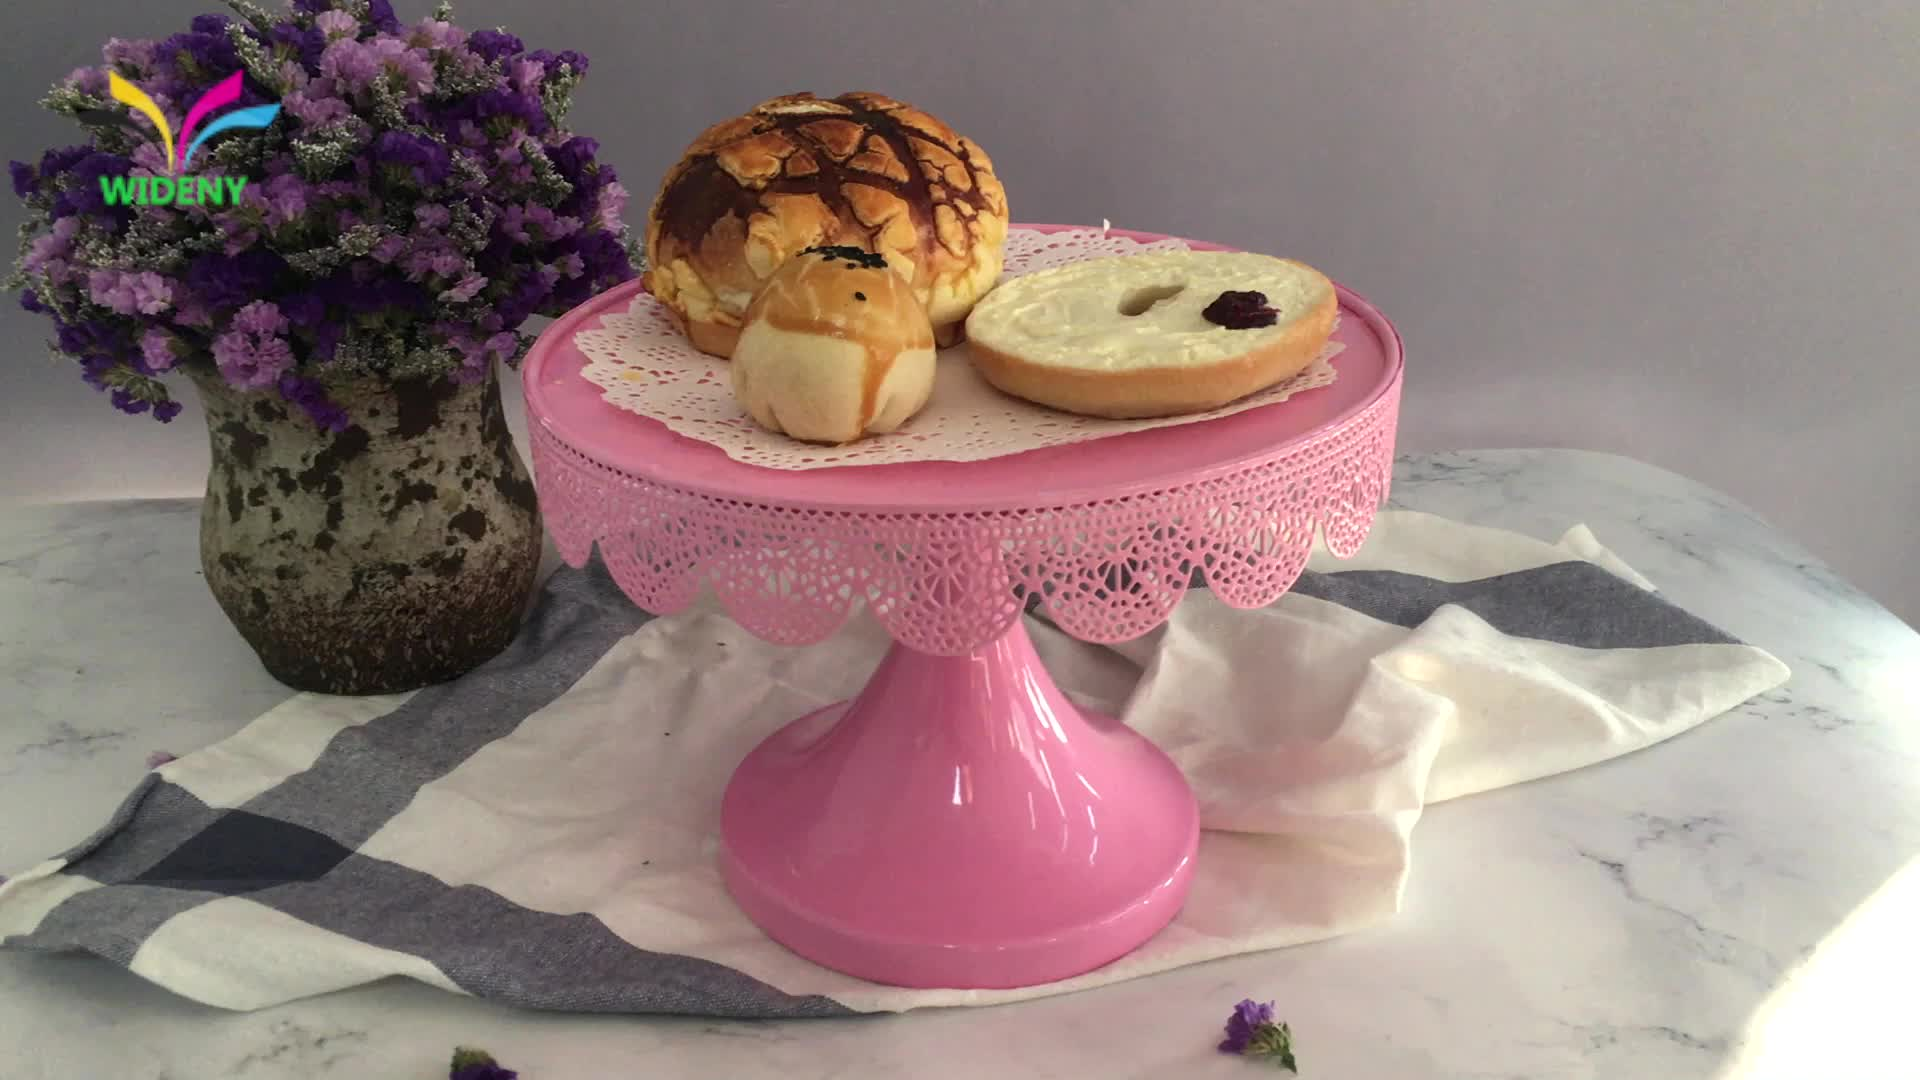 Đảng trang trí ưa thích hồng có thể gập lại nhà cung cấp trung quốc dây sắt tấm kẹo bánh mì kim loại thép khay cưới cupcake cup cake đứng